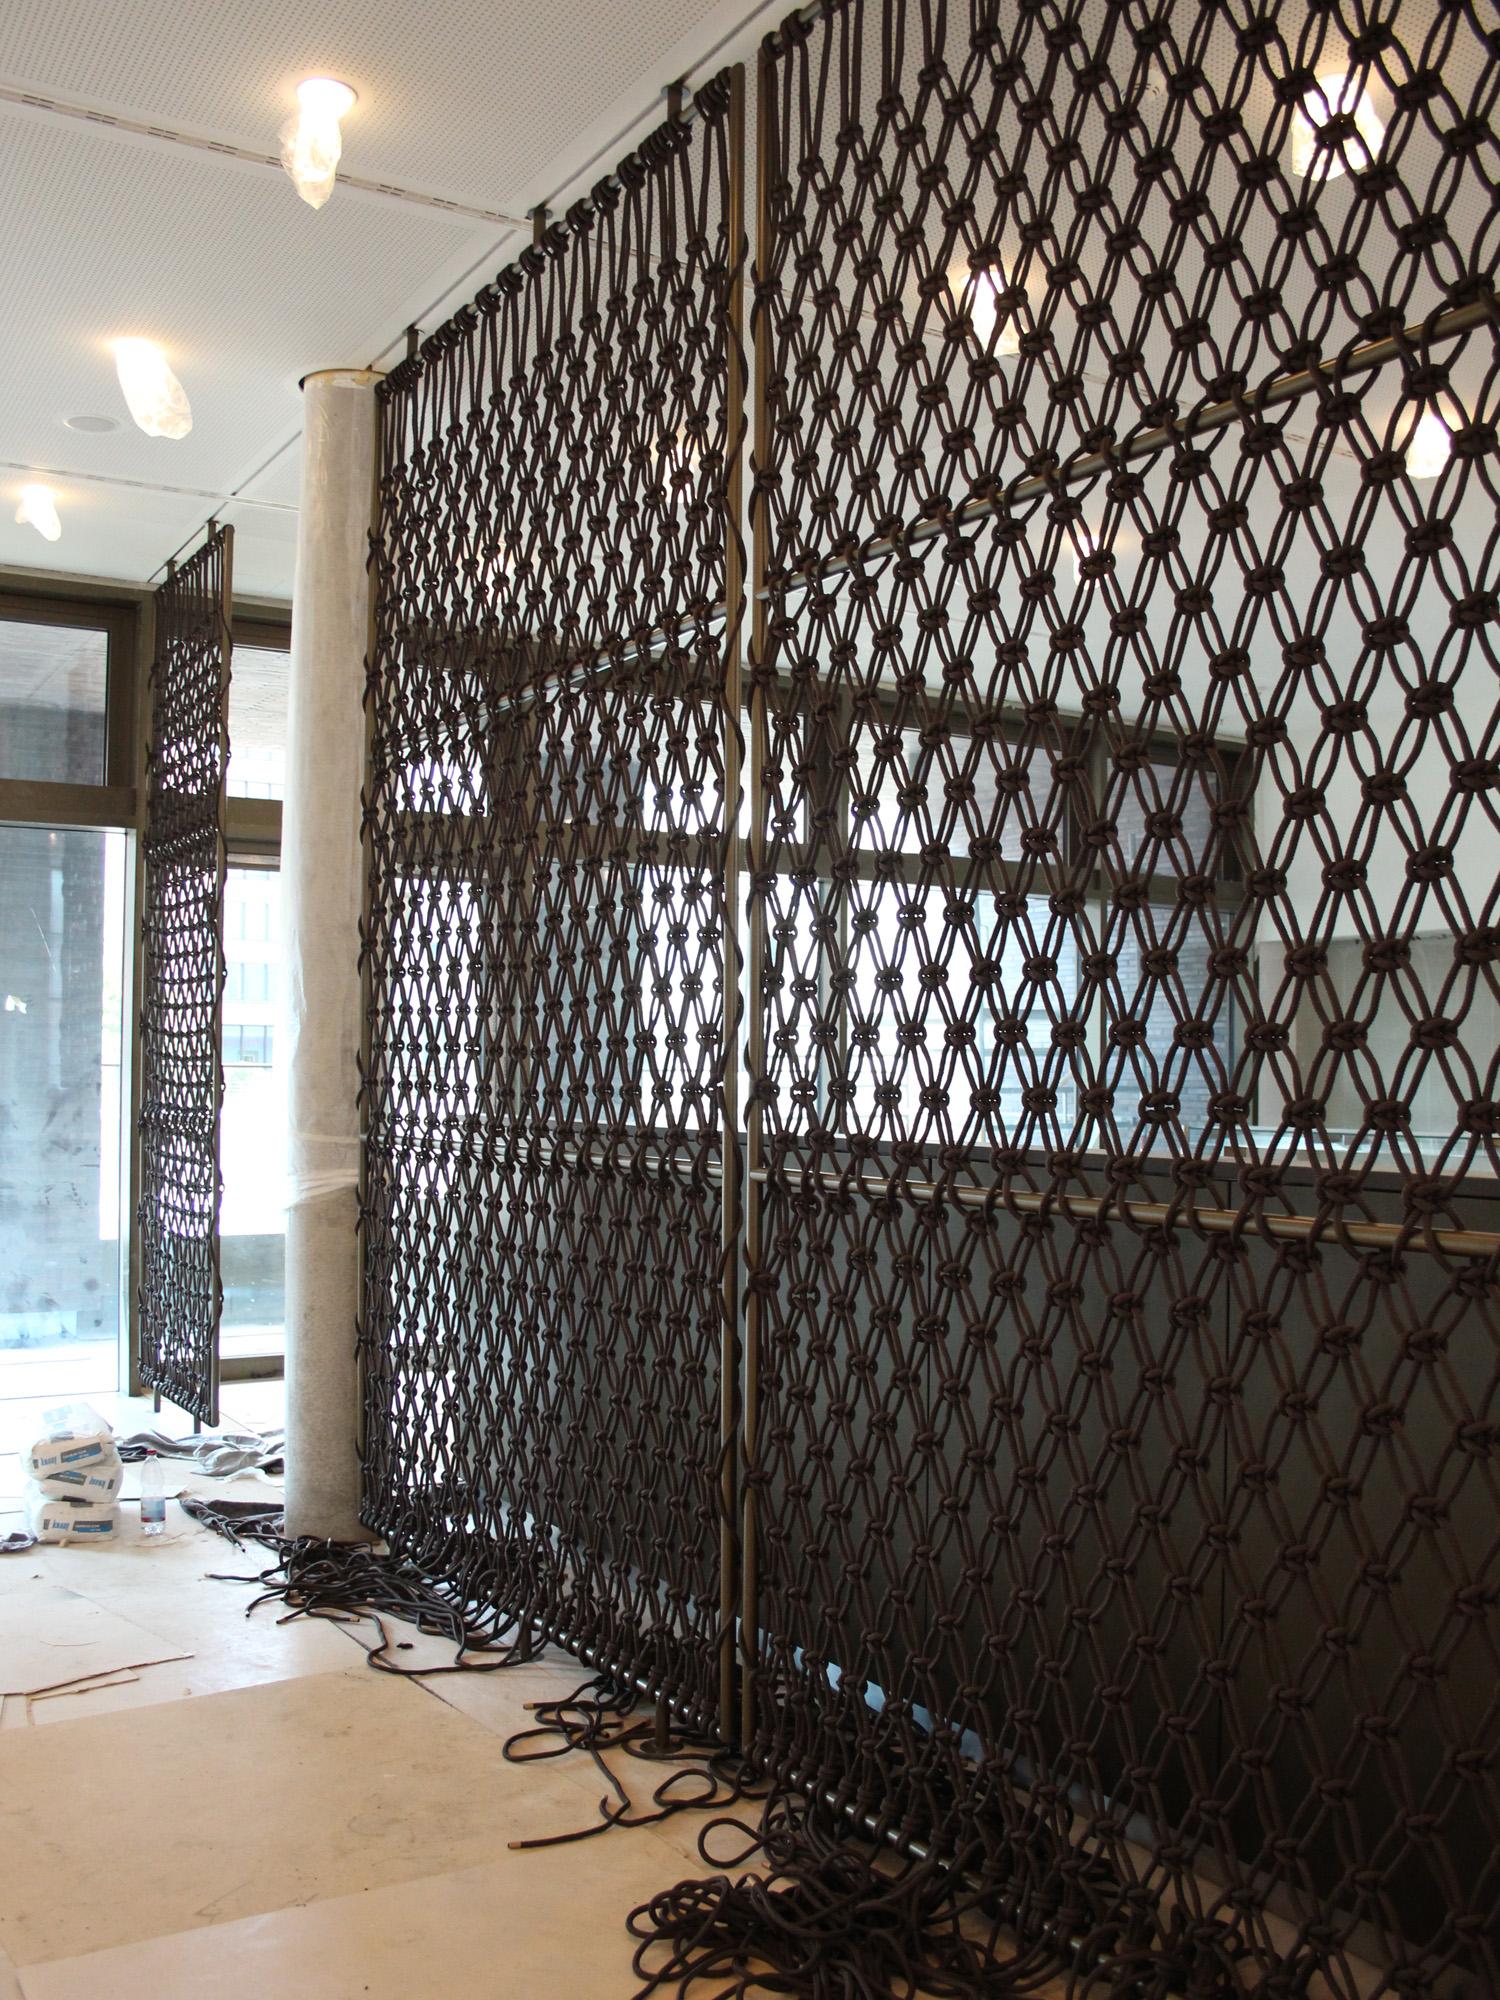 Aufbauarbeiten Makramee Sichtschutz im Mitarbeiterrestaurant Marquard & Bahls, Hamburg  Installation makrame room divider for Marquard & Bahls, Hamburg